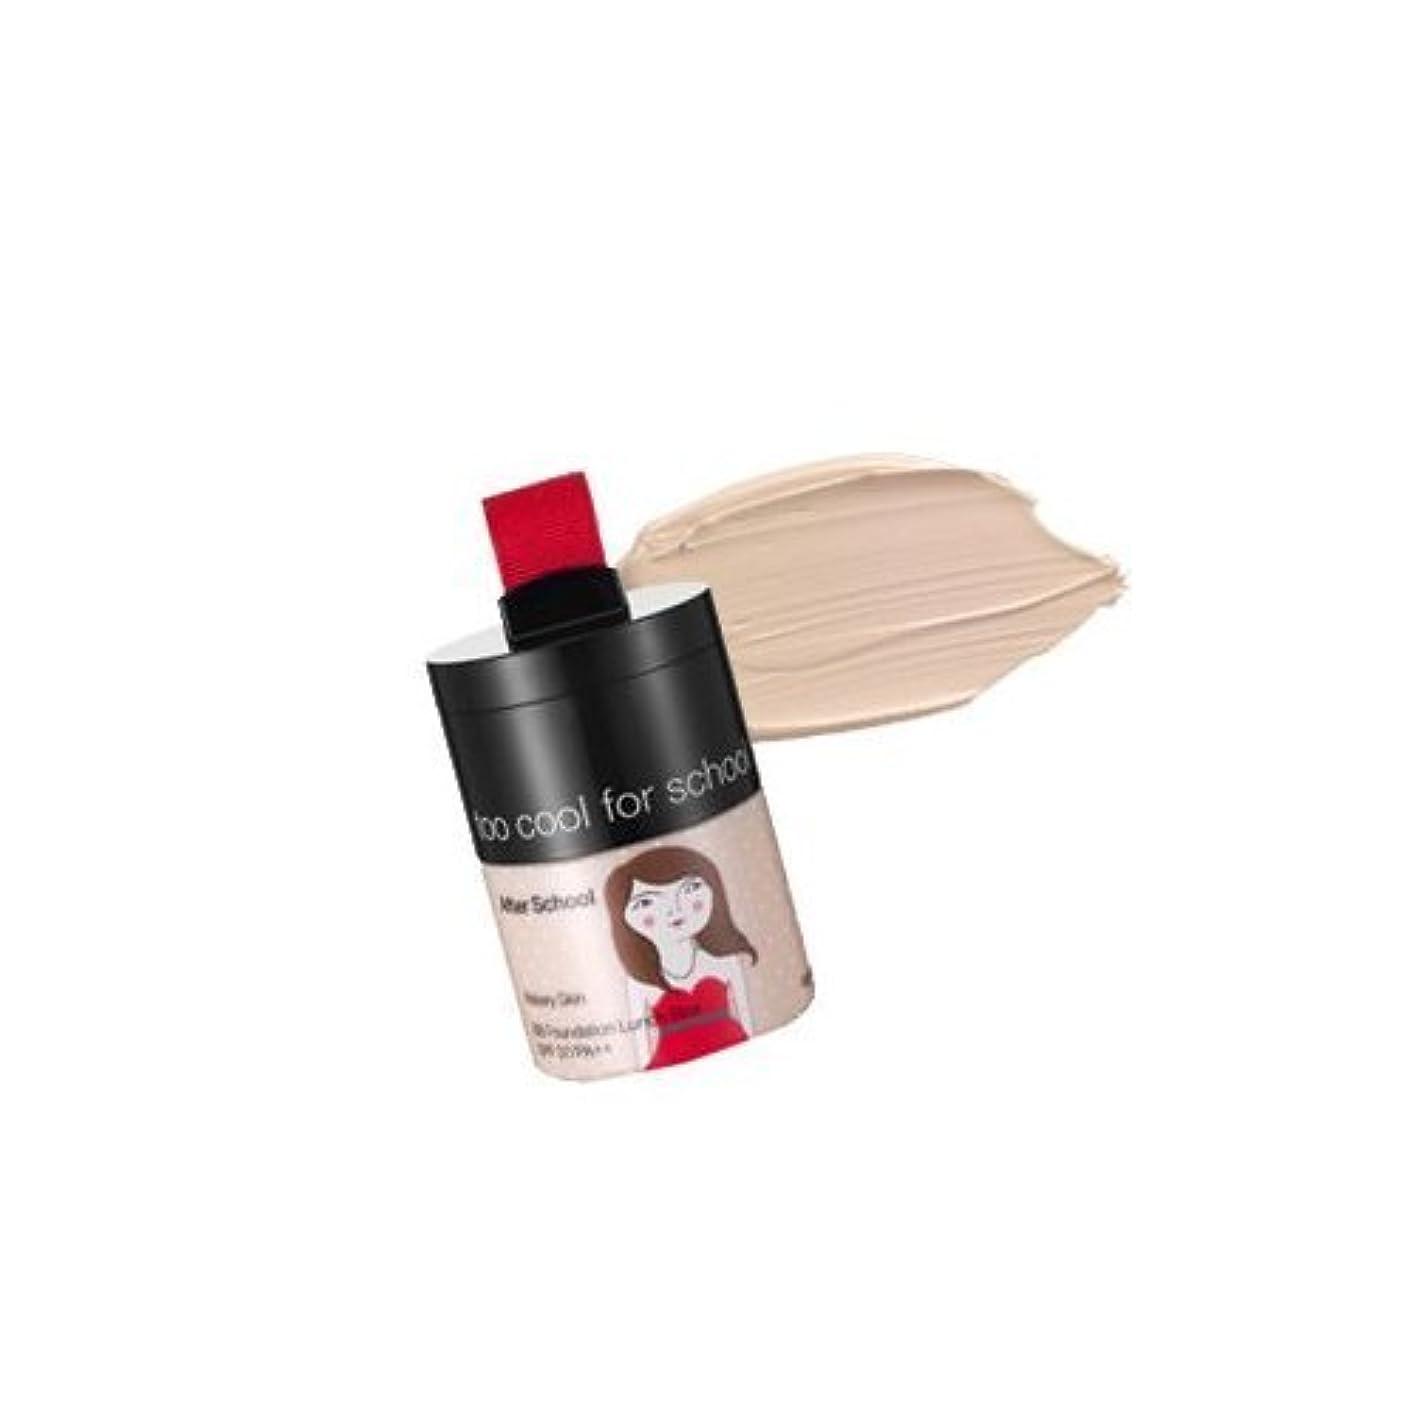 対処する病弱致命的TOO COOL FOR SCHOOL After School BB Foundation Lunch Box 01 Matte Skin (並行輸入品)